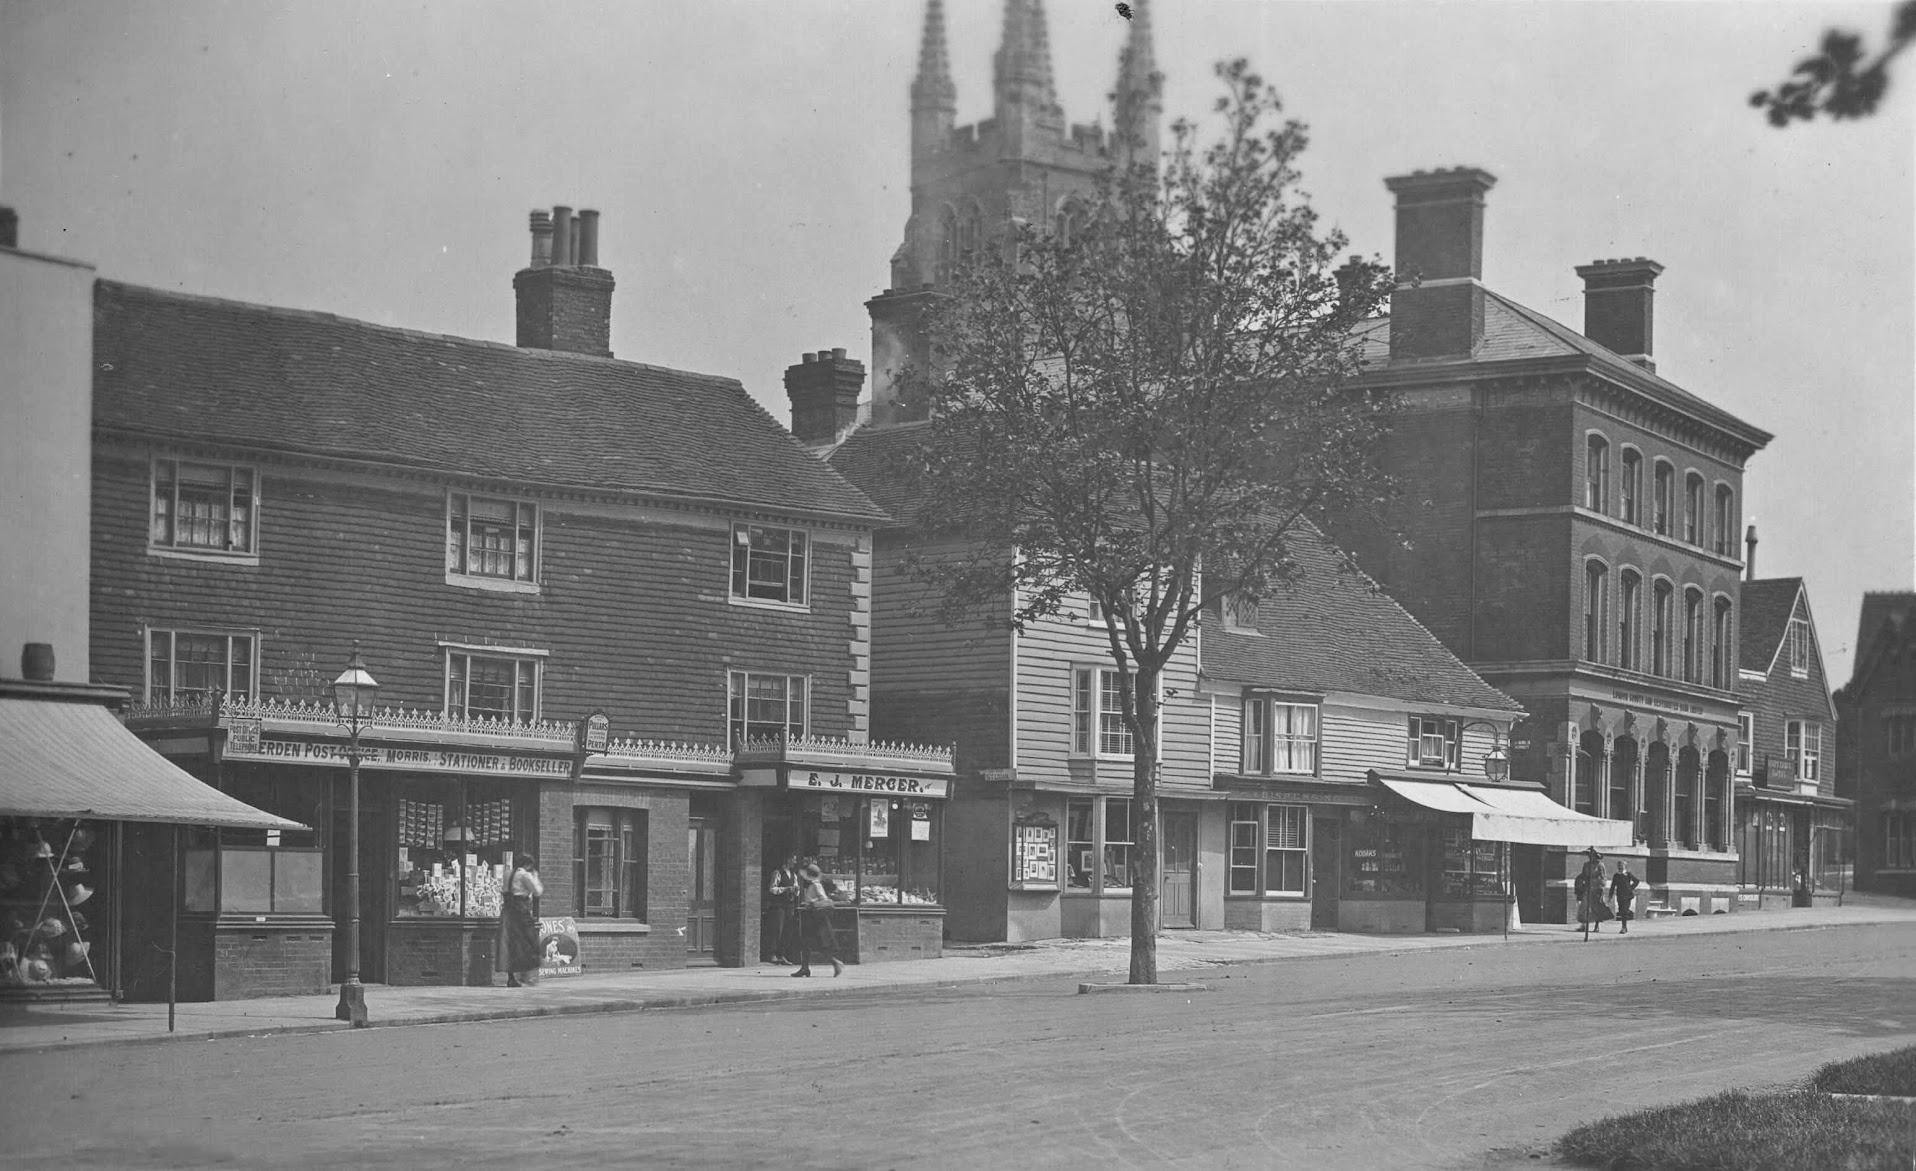 64 Hhigh Street, Tenterden Archive